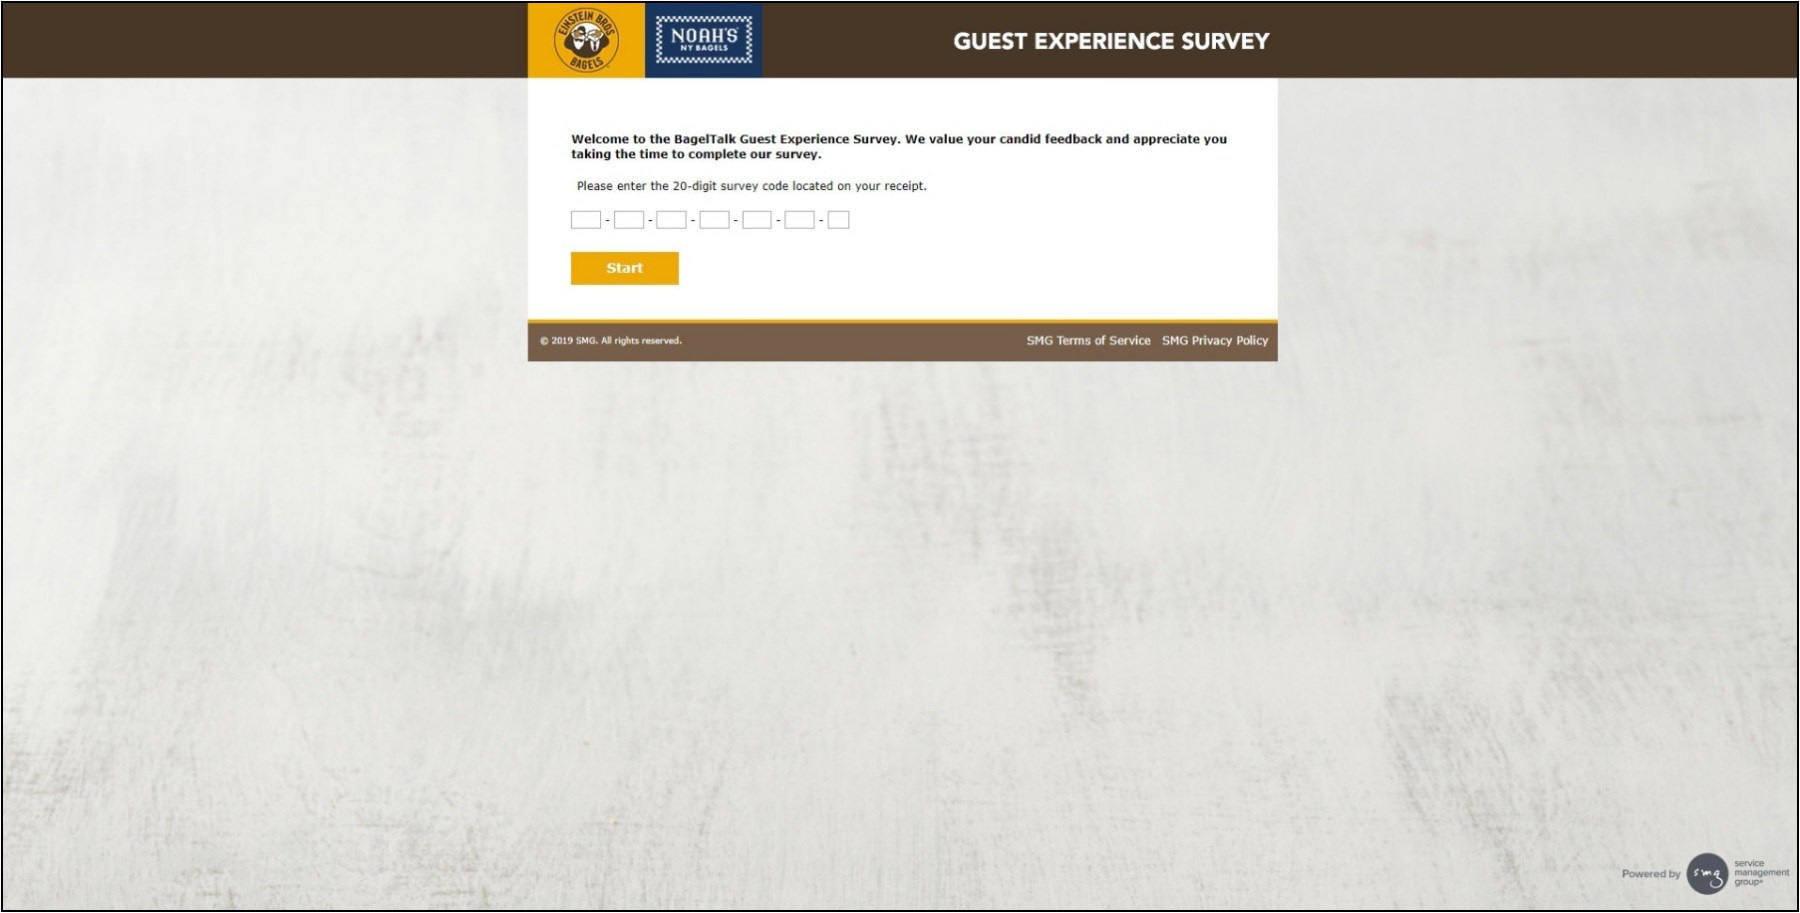 www.BagelExperience.com